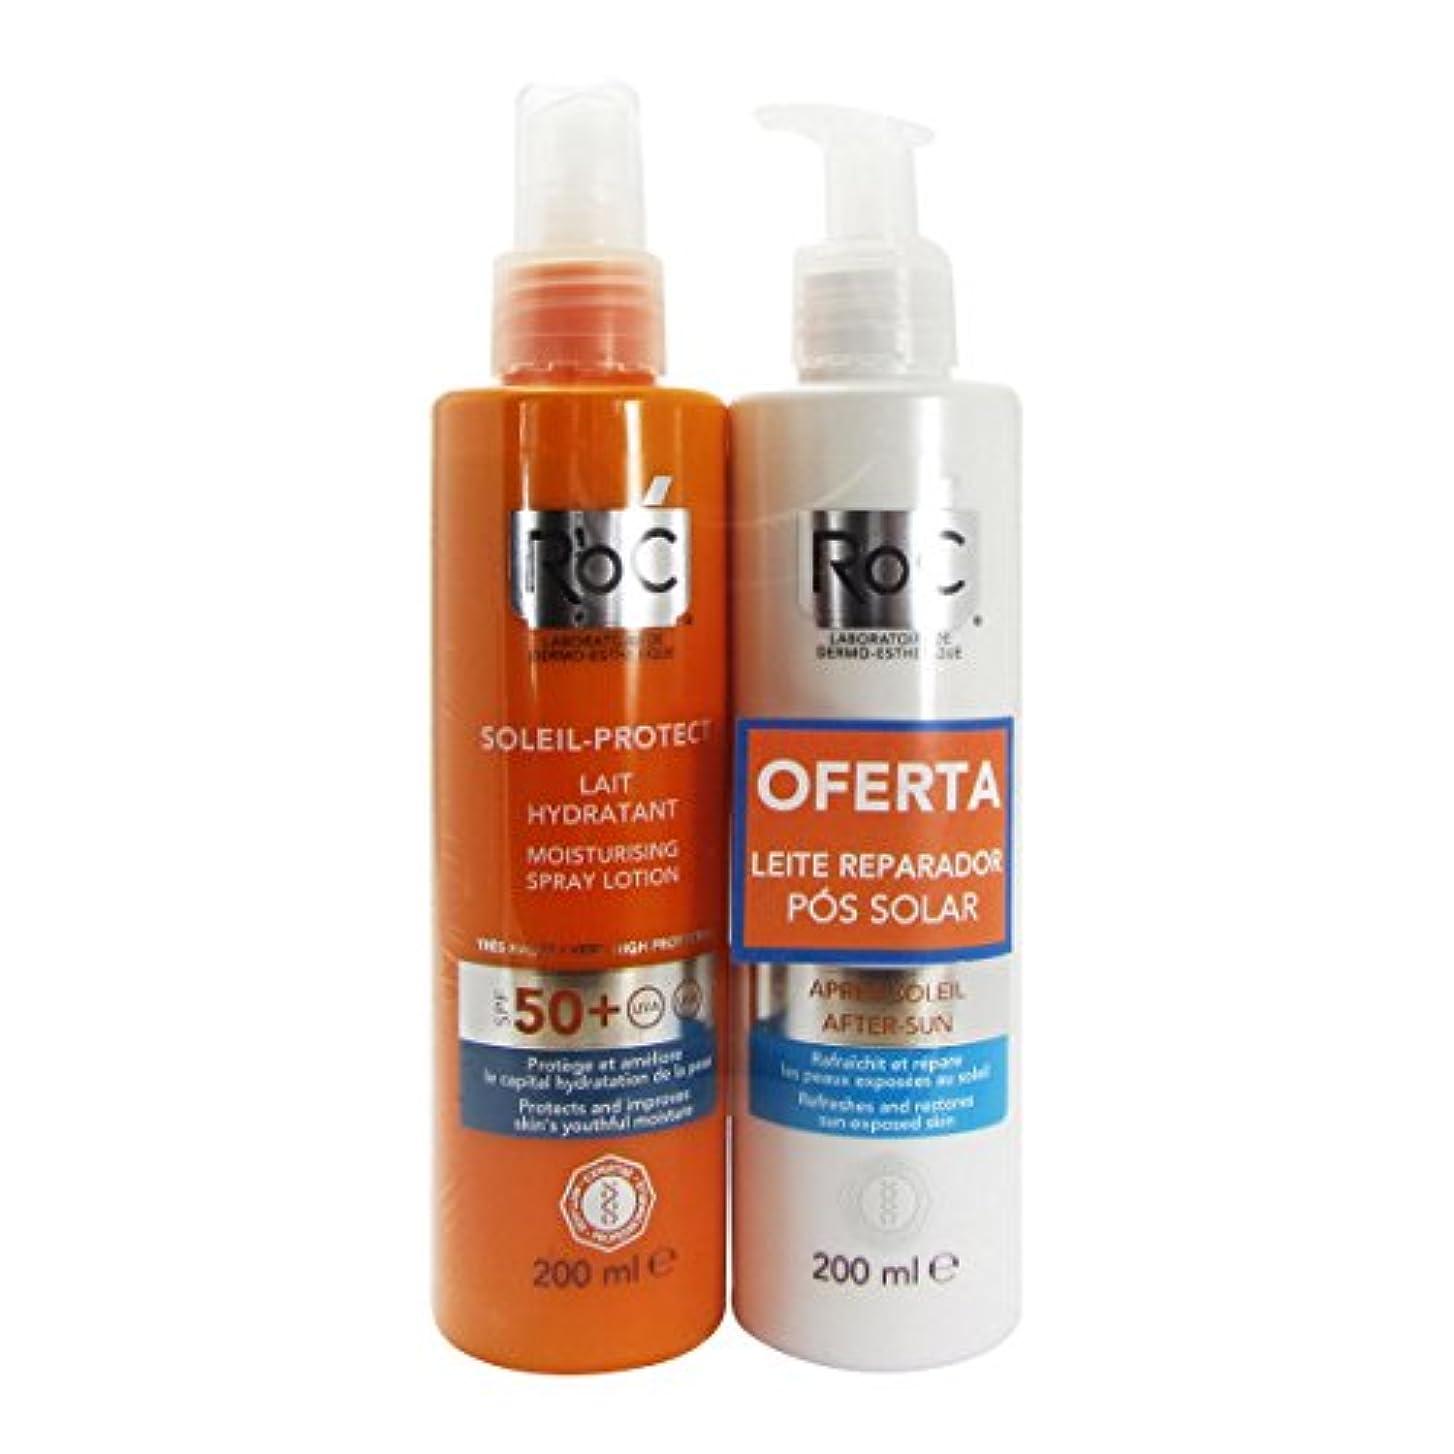 血色の良い商品不合格Roc Pack Soleil Protect Hydrating Fluid Spf50 200ml + Refreshing Repair Fluid 200ml [並行輸入品]